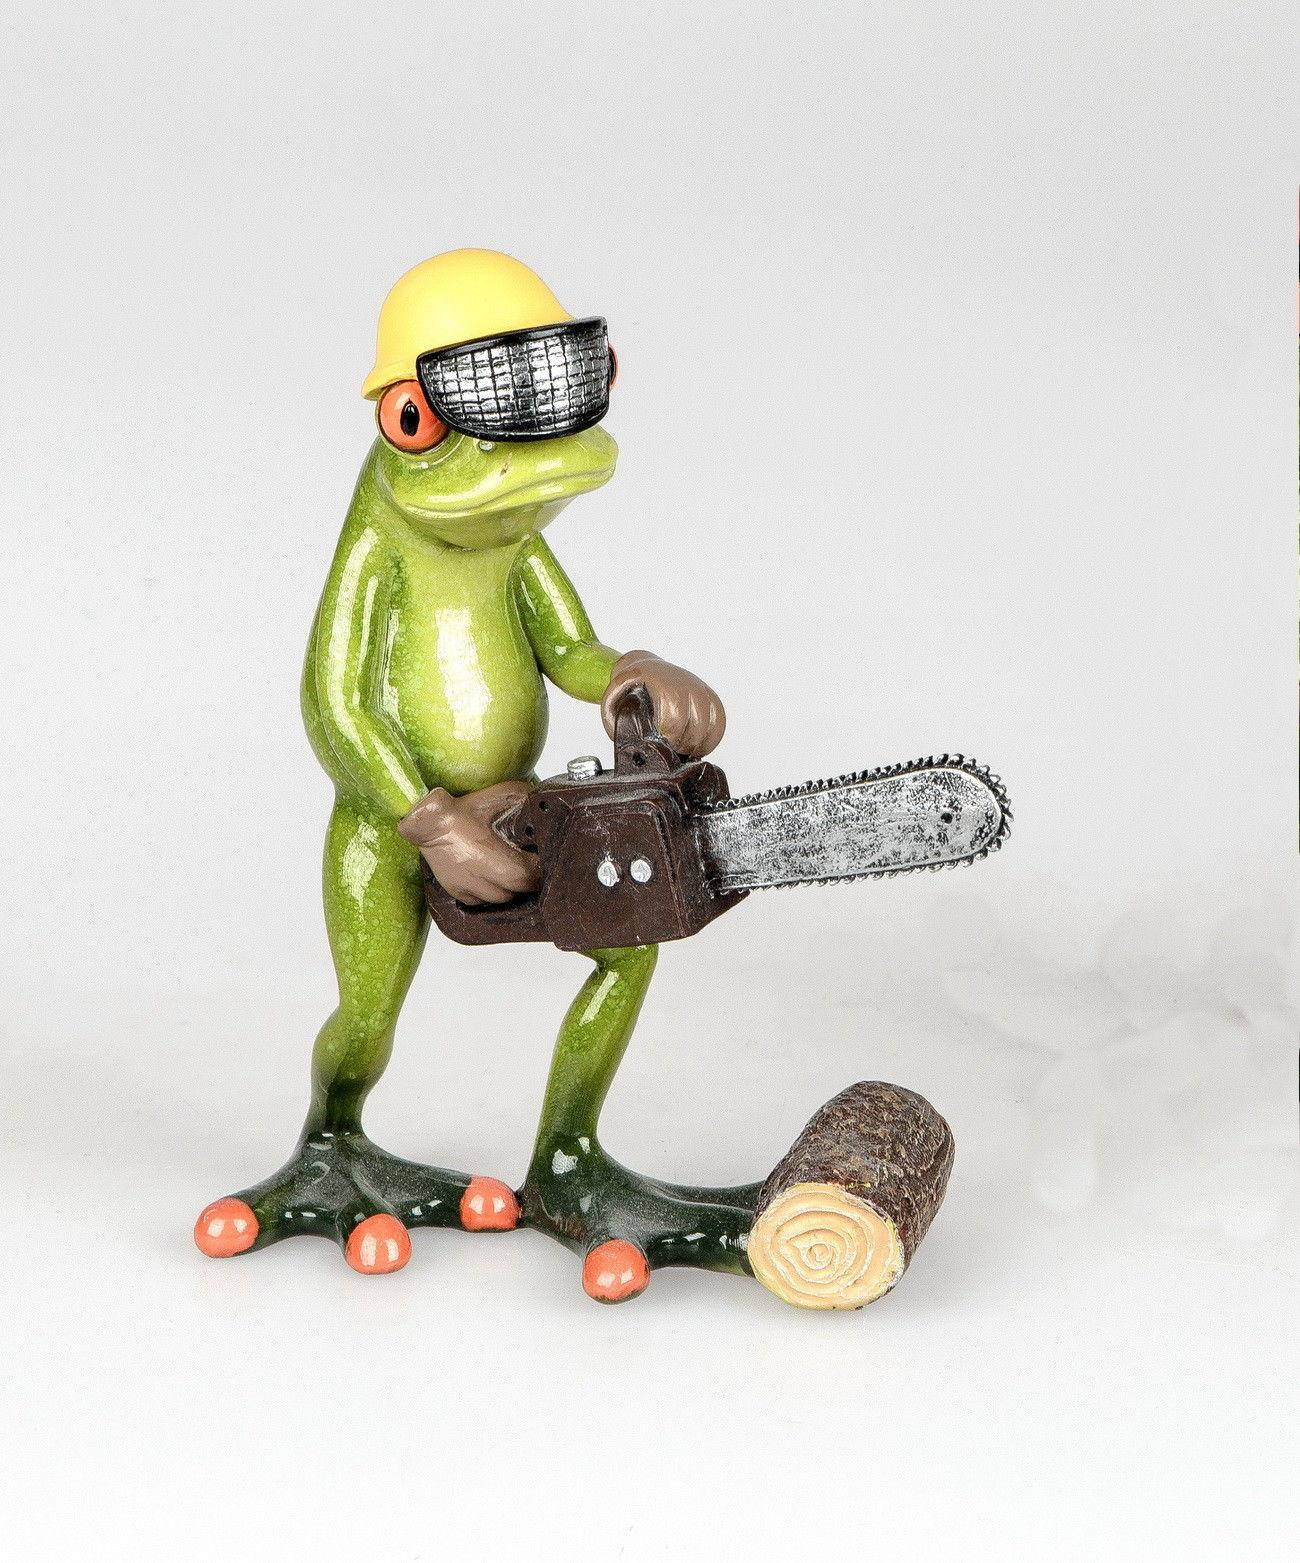 frosch mit kettensäge kröte gecko lurch deko tier figur skulptur